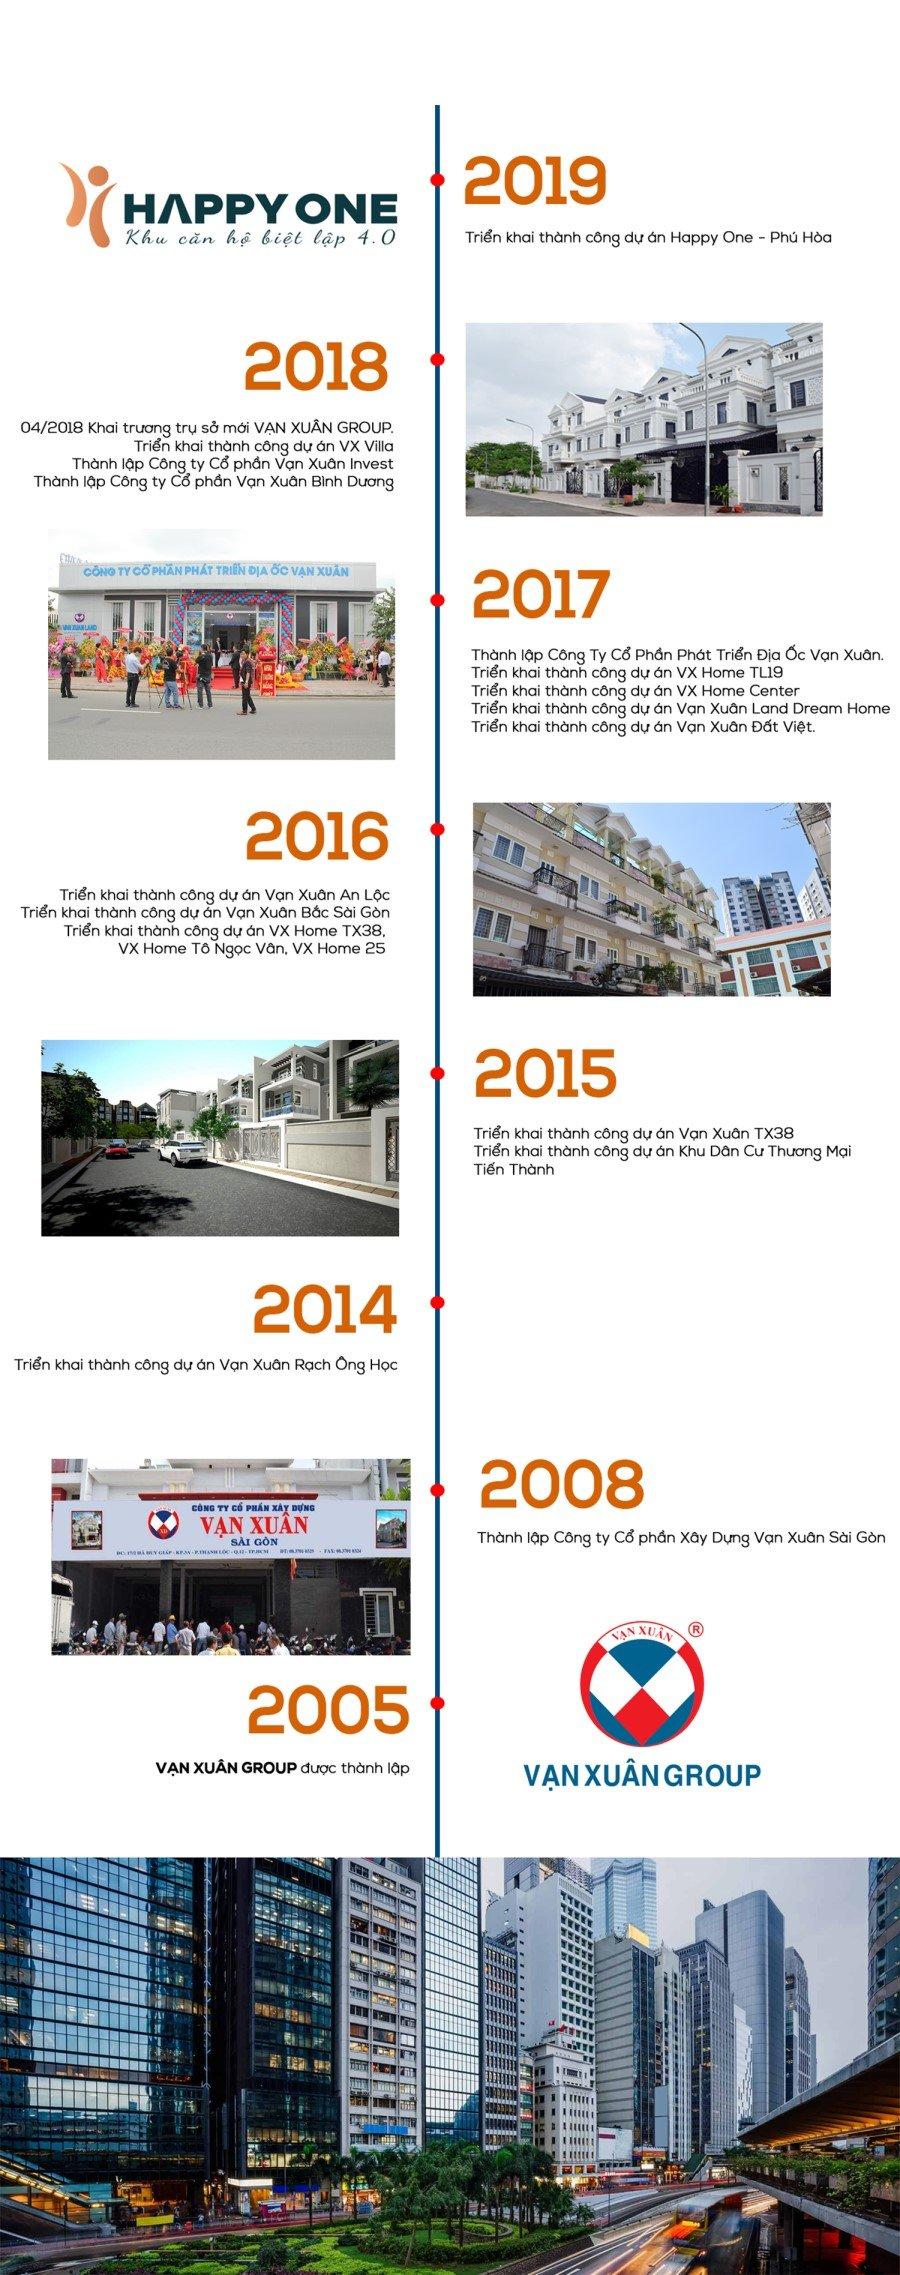 Lịch sử 15 năm hình thành của Vạn Xuân Group